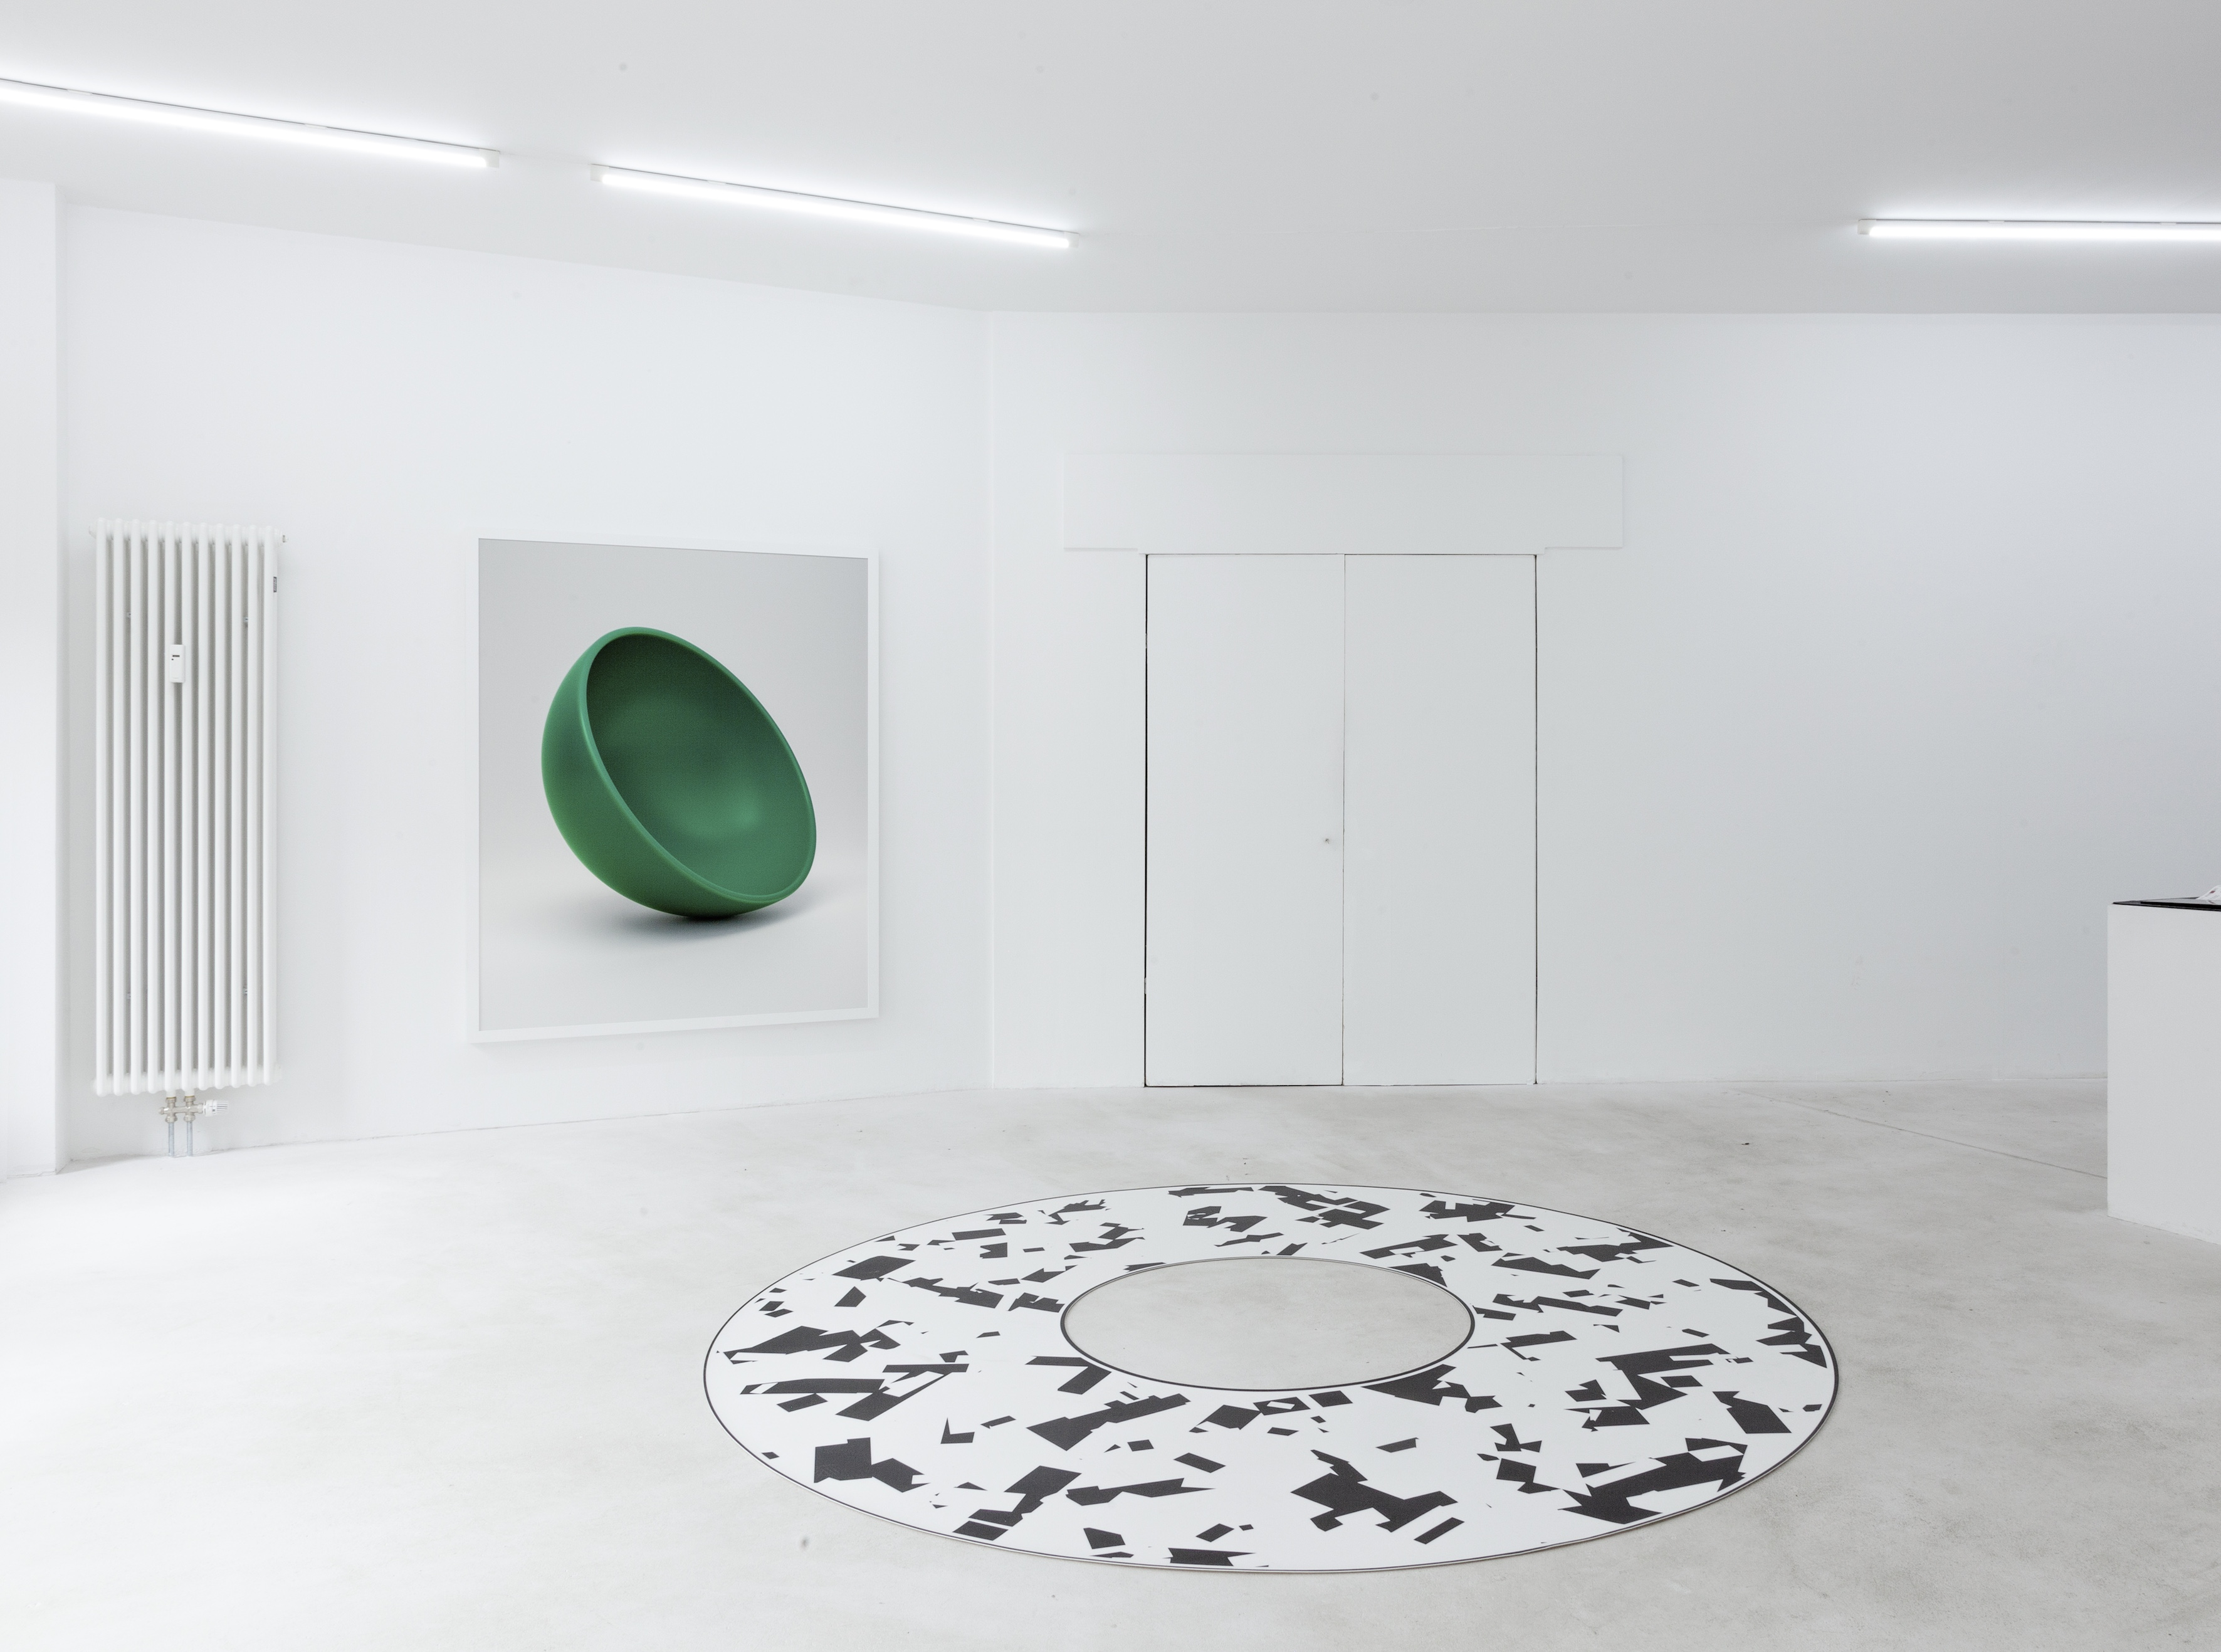 Banz & Bowinkel, Cylinder & Bots, Ausstellungsansicht, 2019